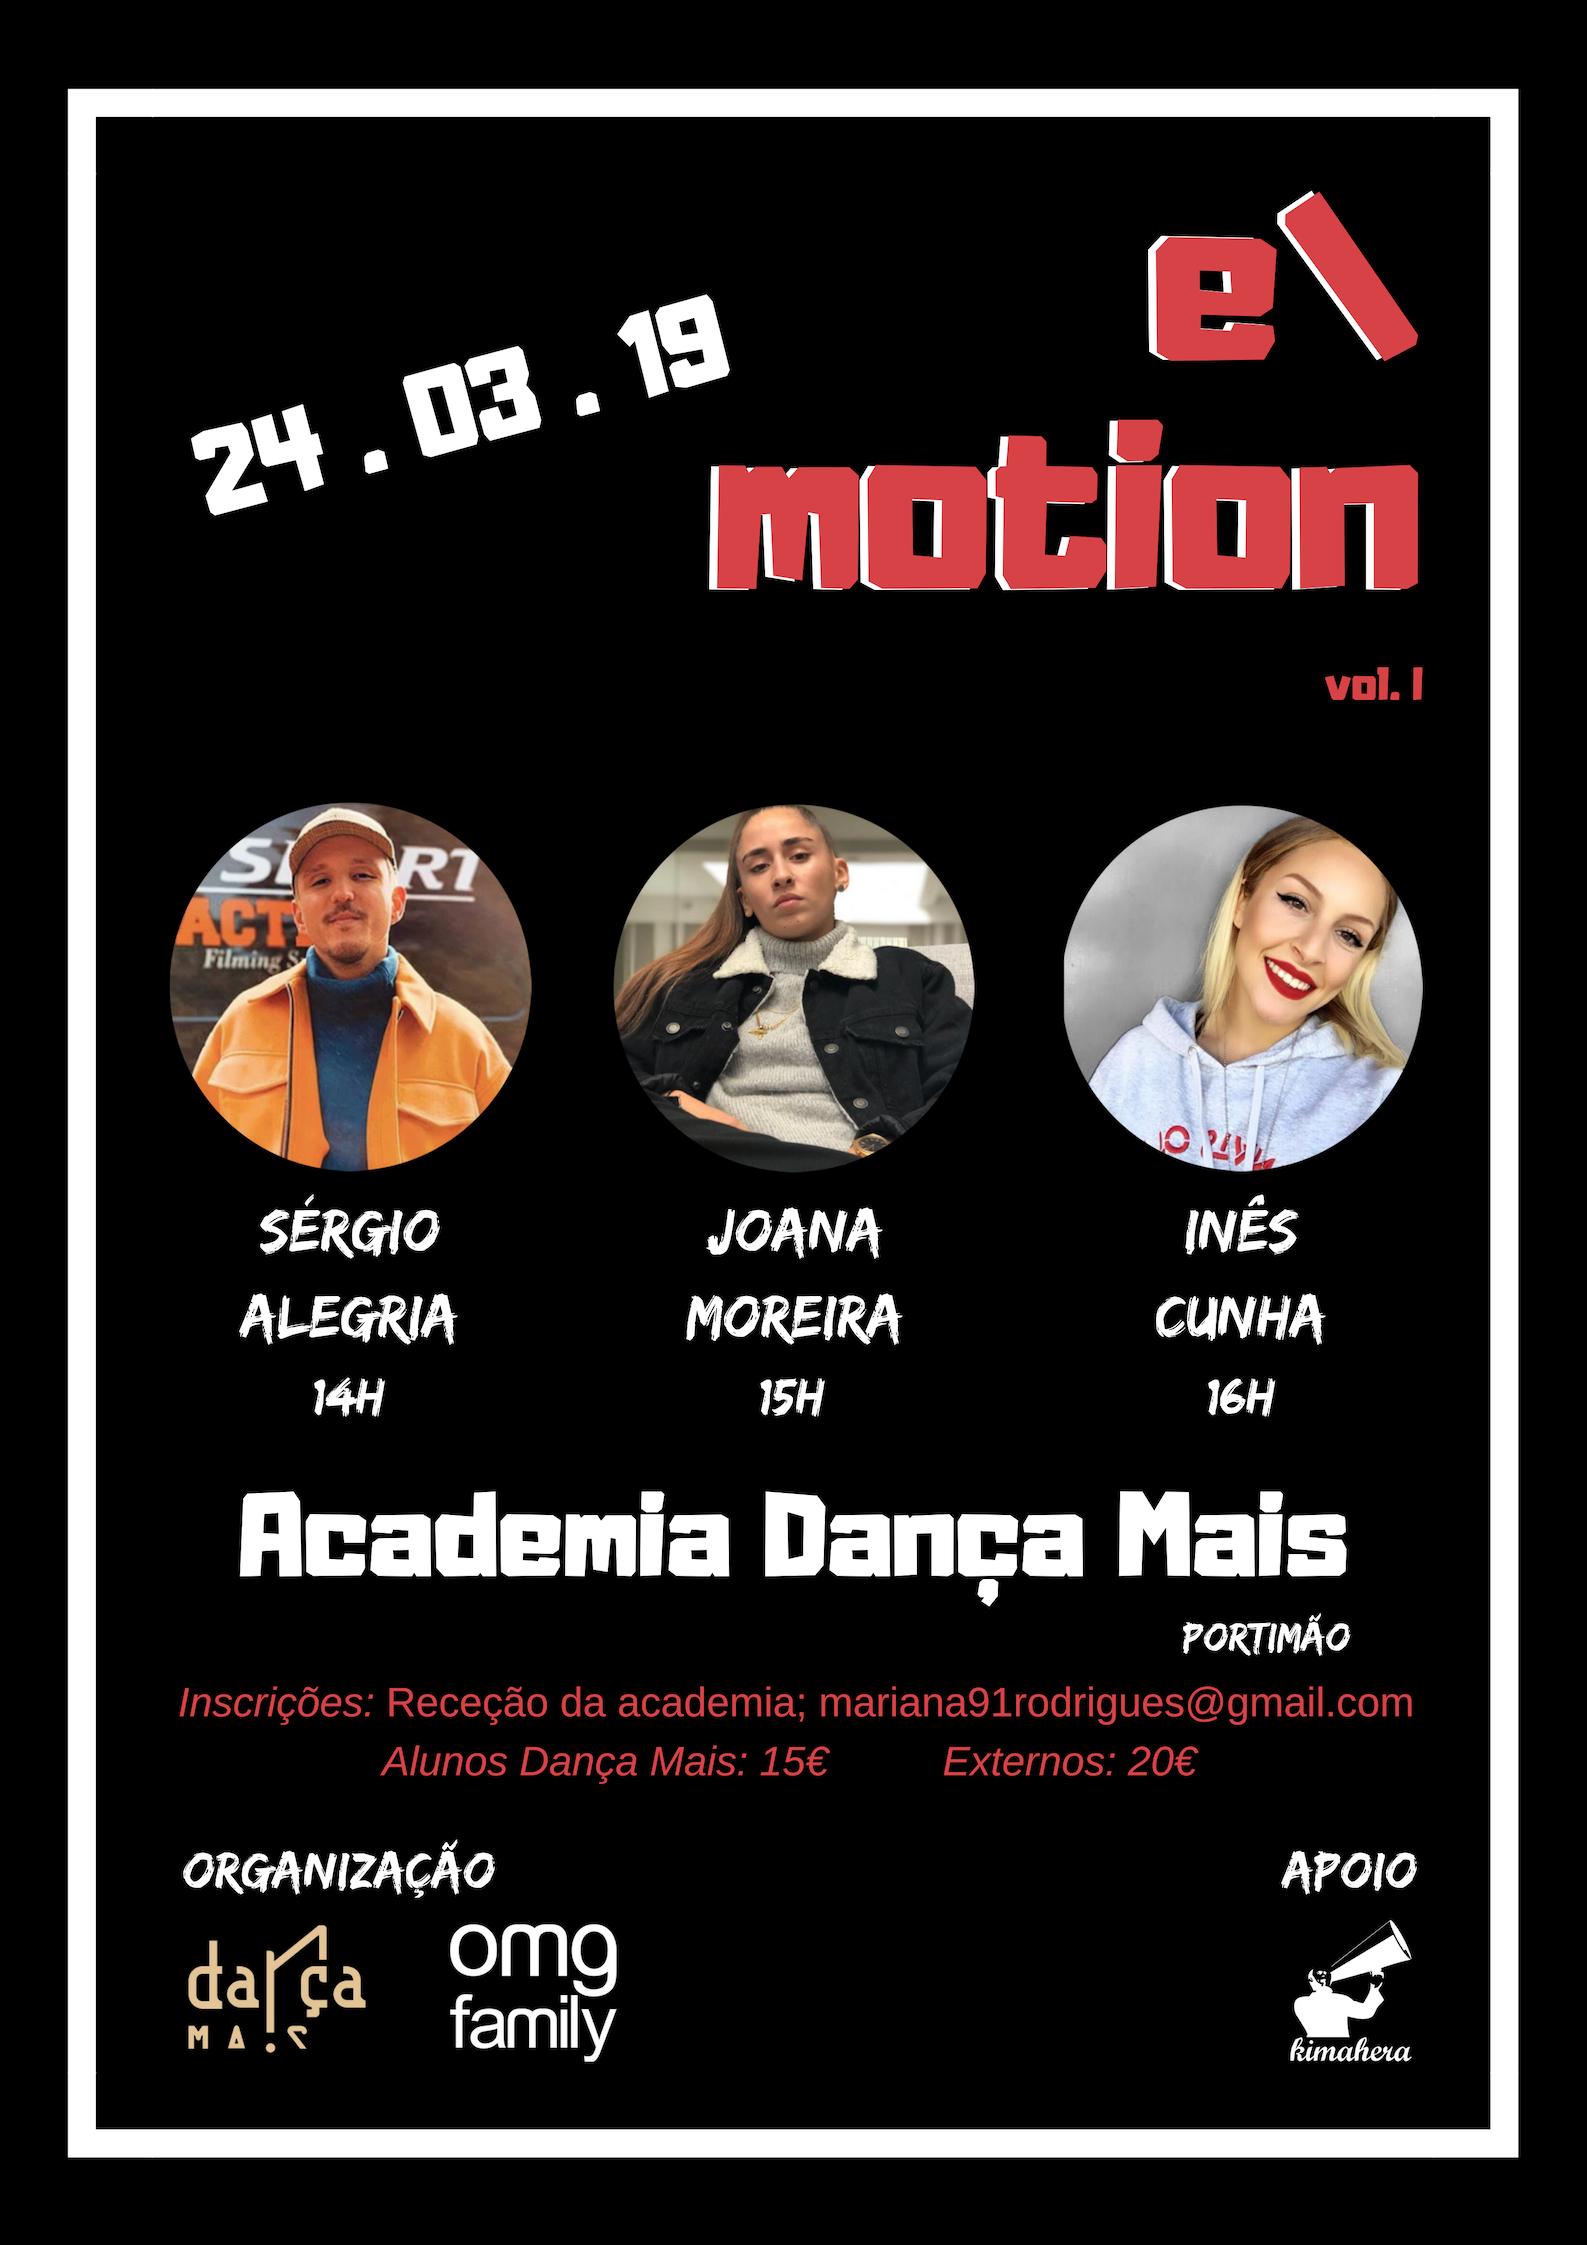 E-motion vol.1 @ Dança Mais (Portimão)